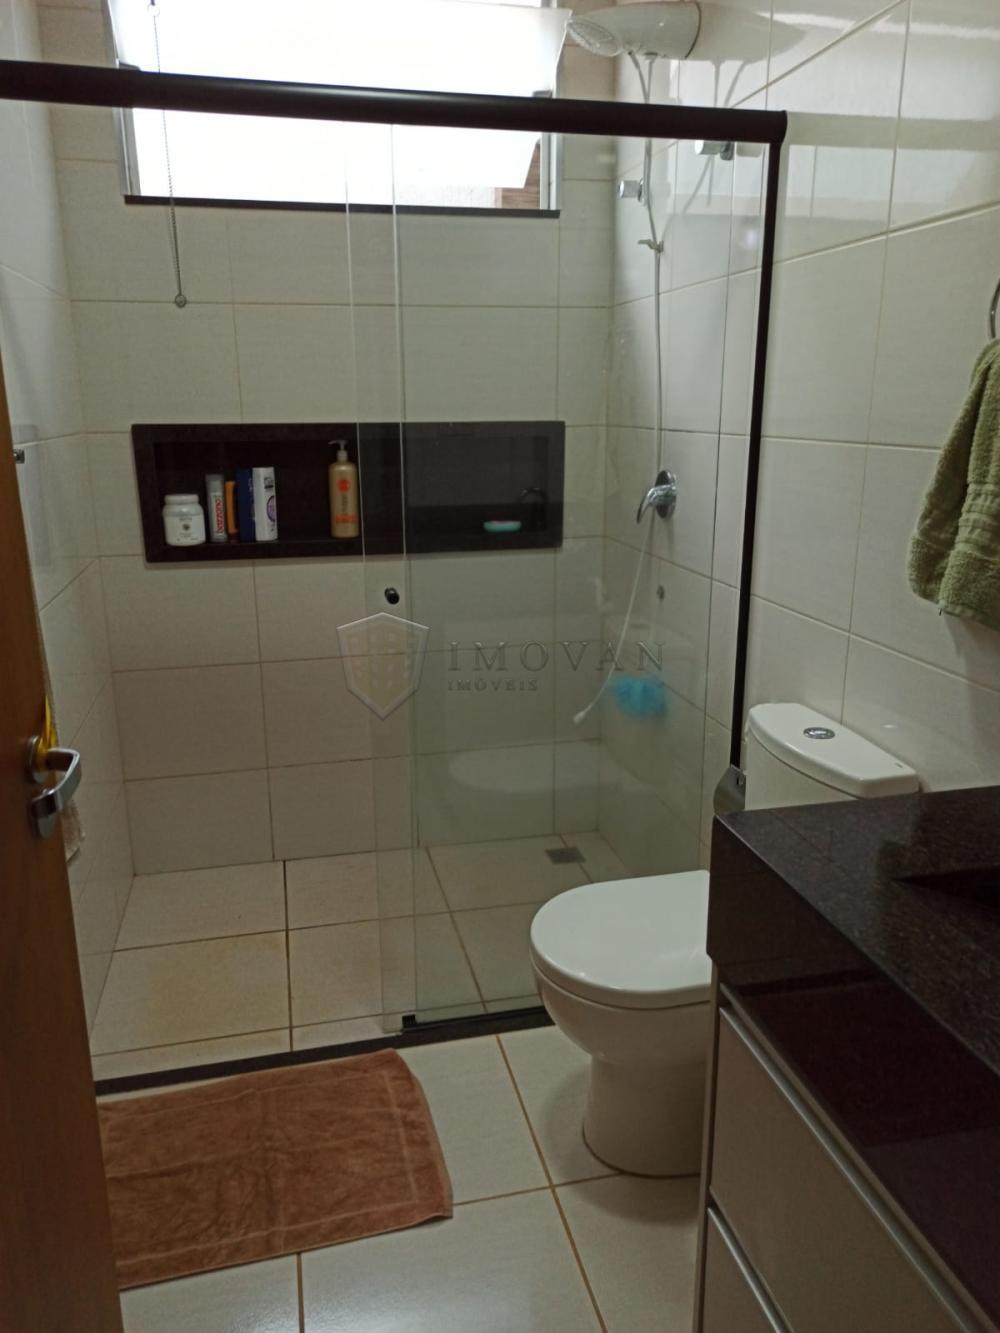 Comprar Casa / Condomínio em Bonfim Paulista R$ 820.000,00 - Foto 15